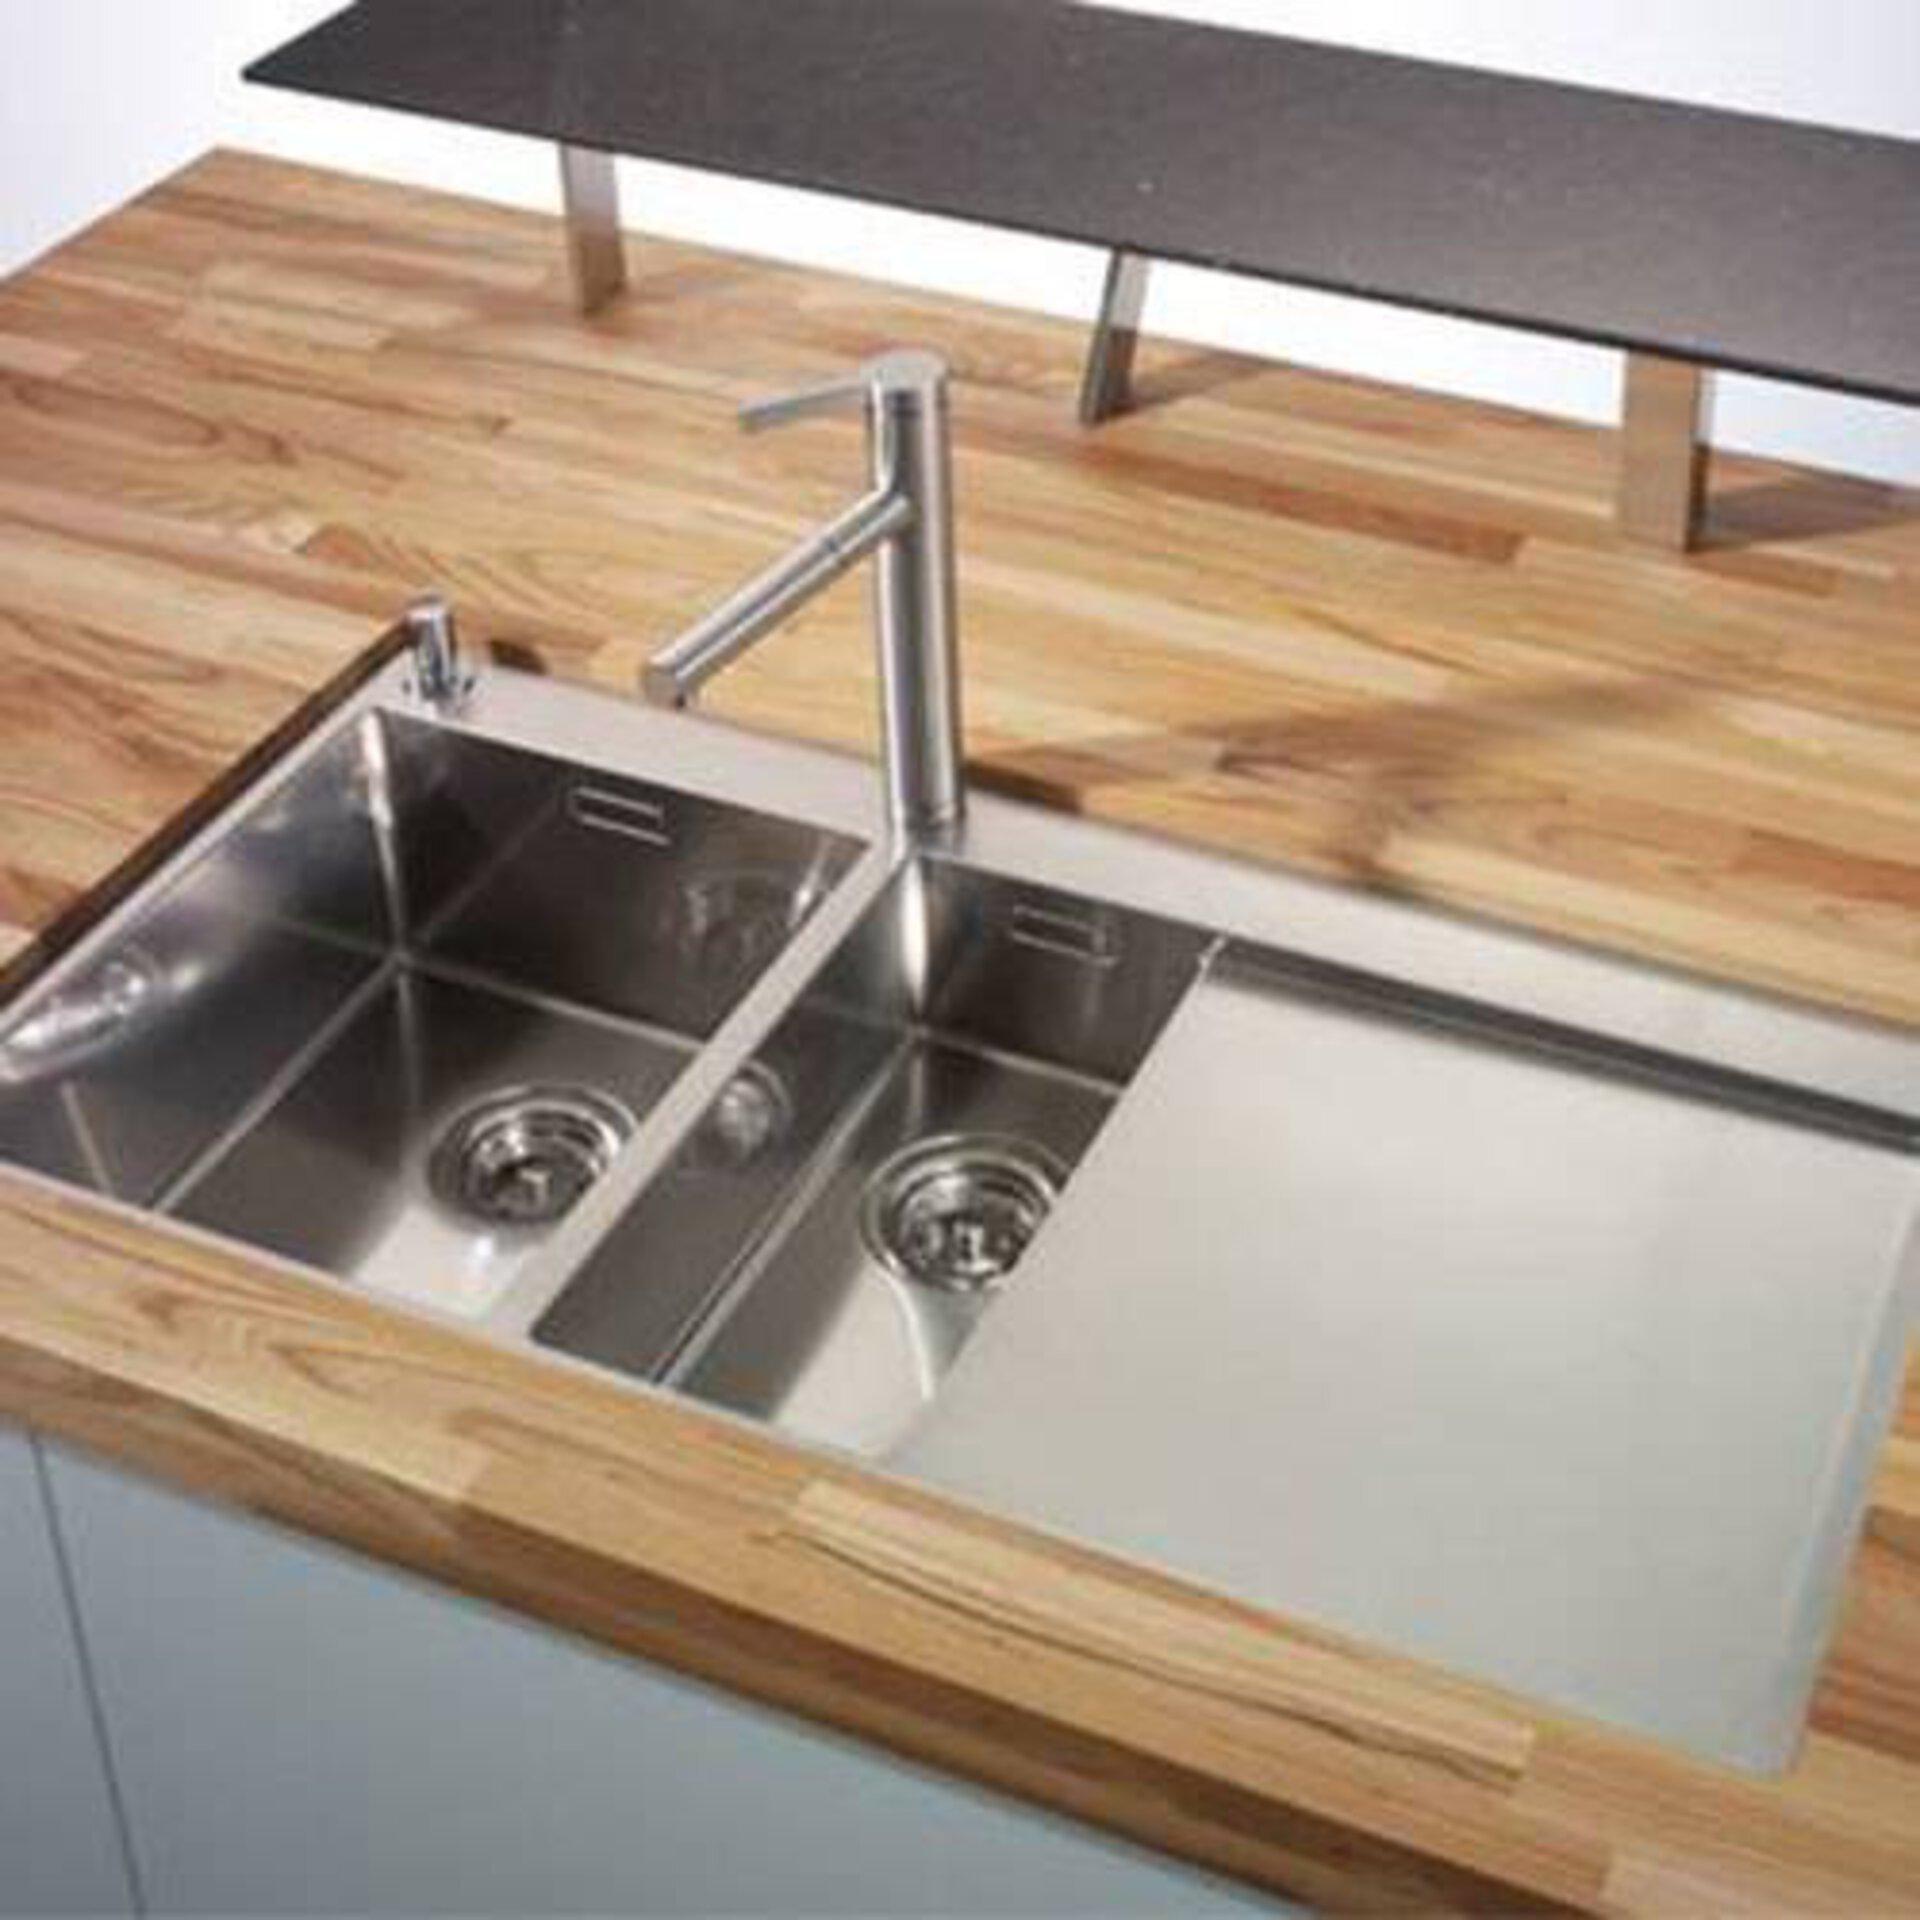 Milieubild zu Arbeitsplatten aus Massivholz. Zu sehen ist eine Kücheninsel als Frühstückstheke mit einer Platte aus hellem Holz.